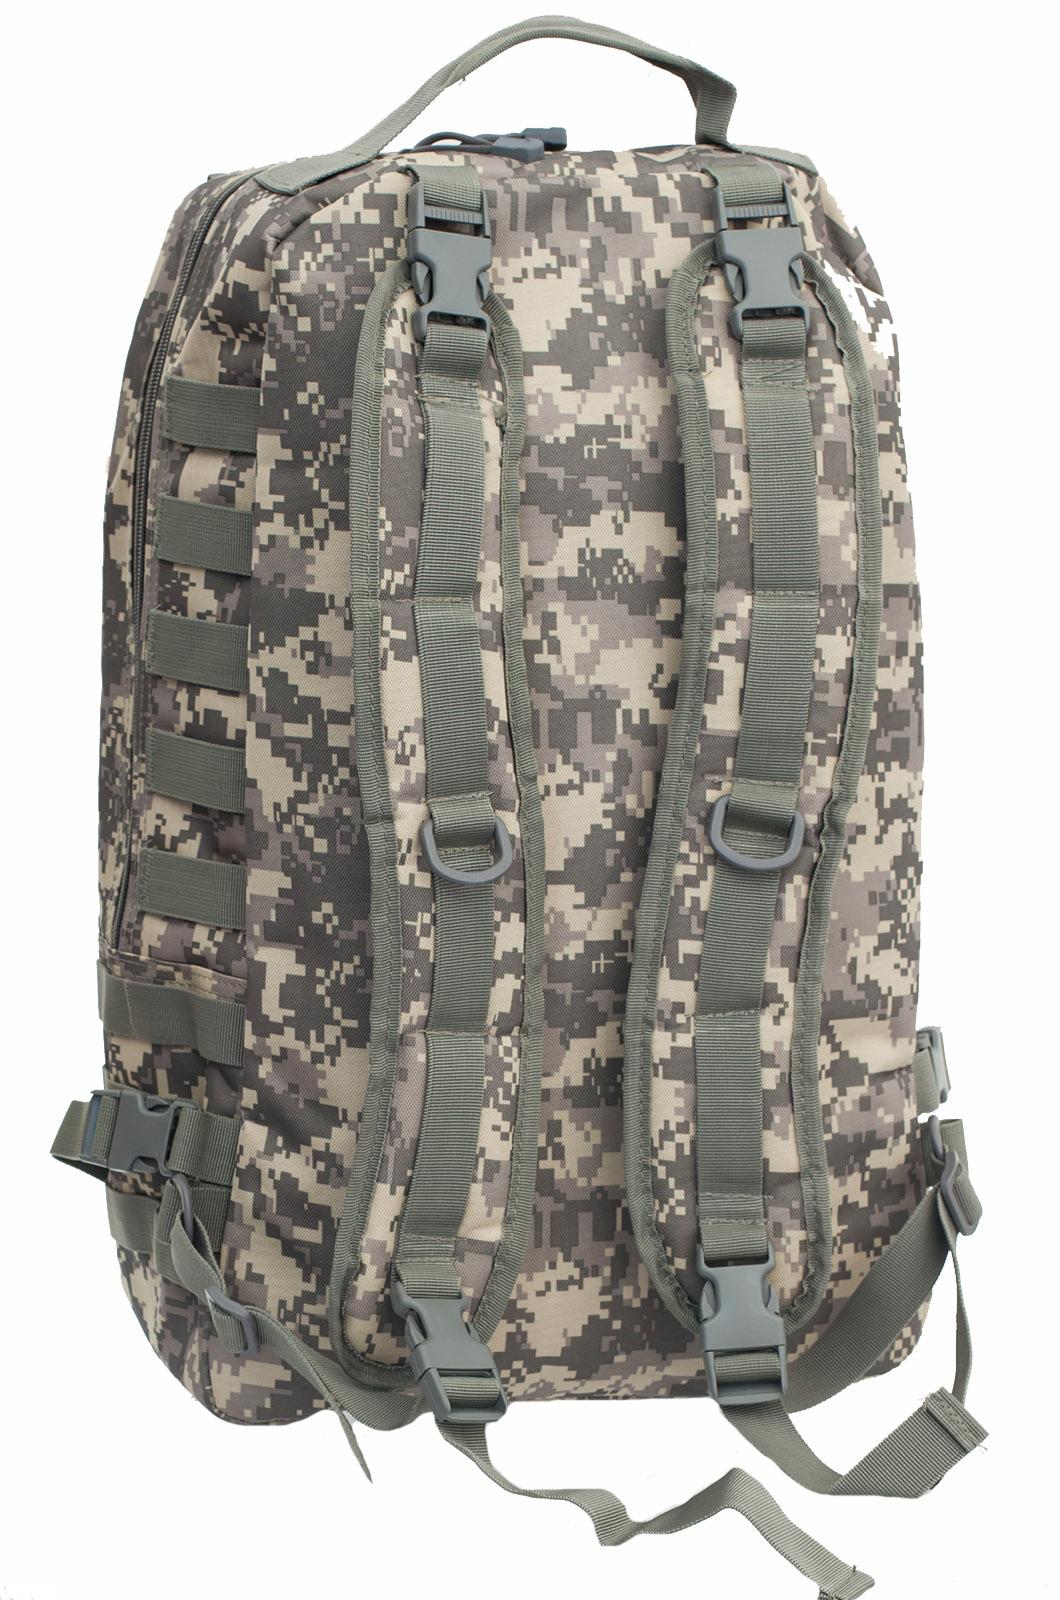 Тактический камуфляжный рюкзак с нашивкой ДПС - купить оптом